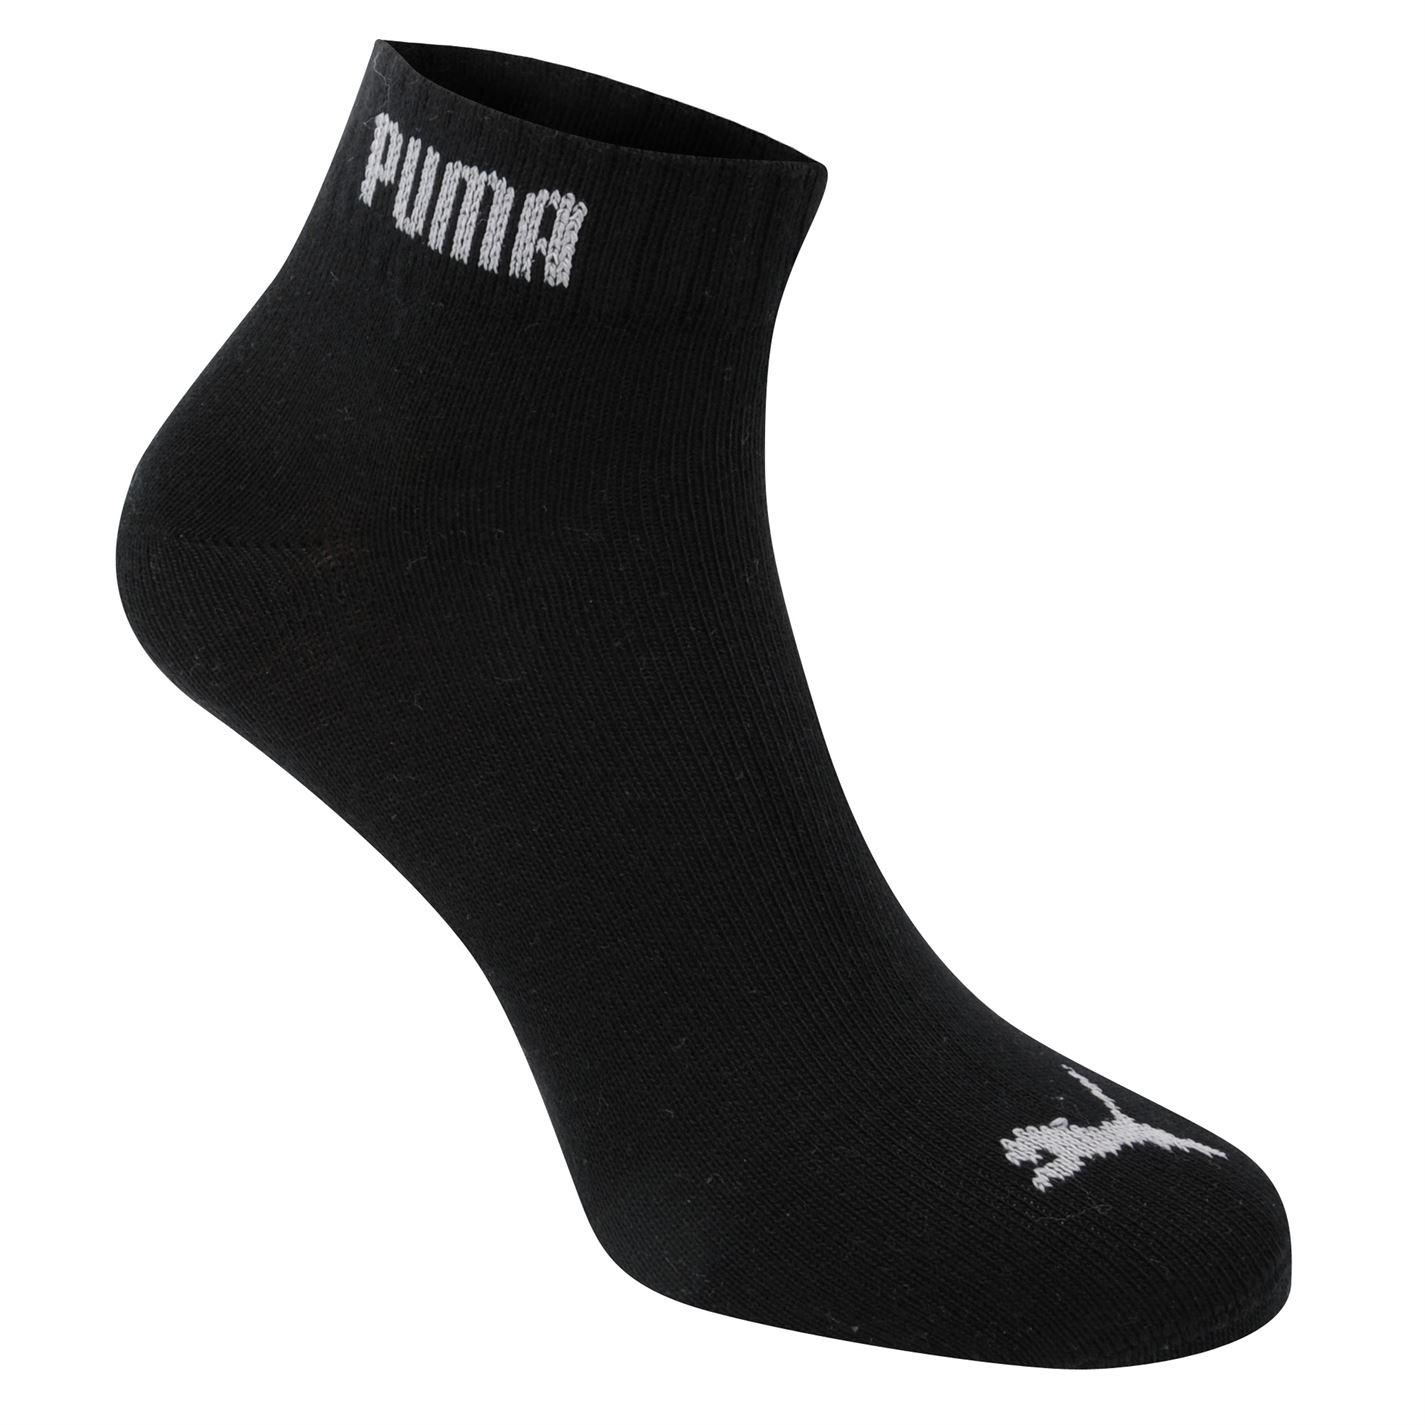 Puma 3 Pack Quarter Socks Mens